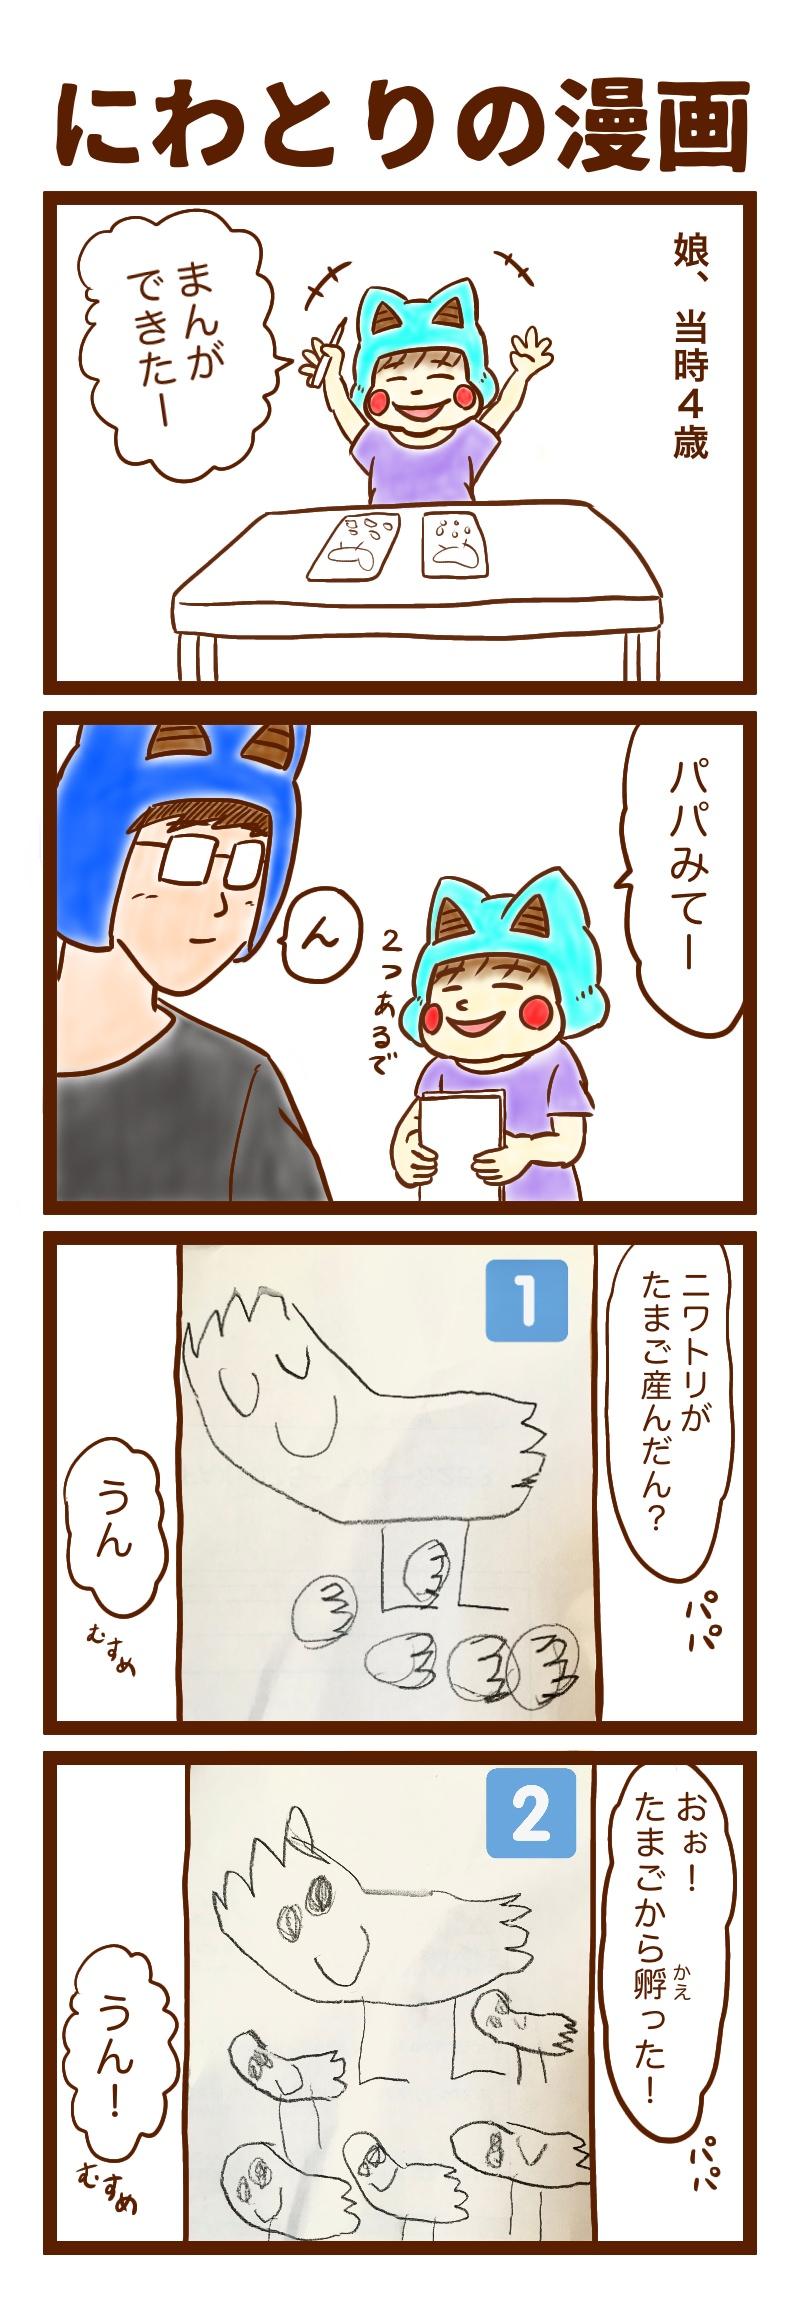 にわとりの漫画